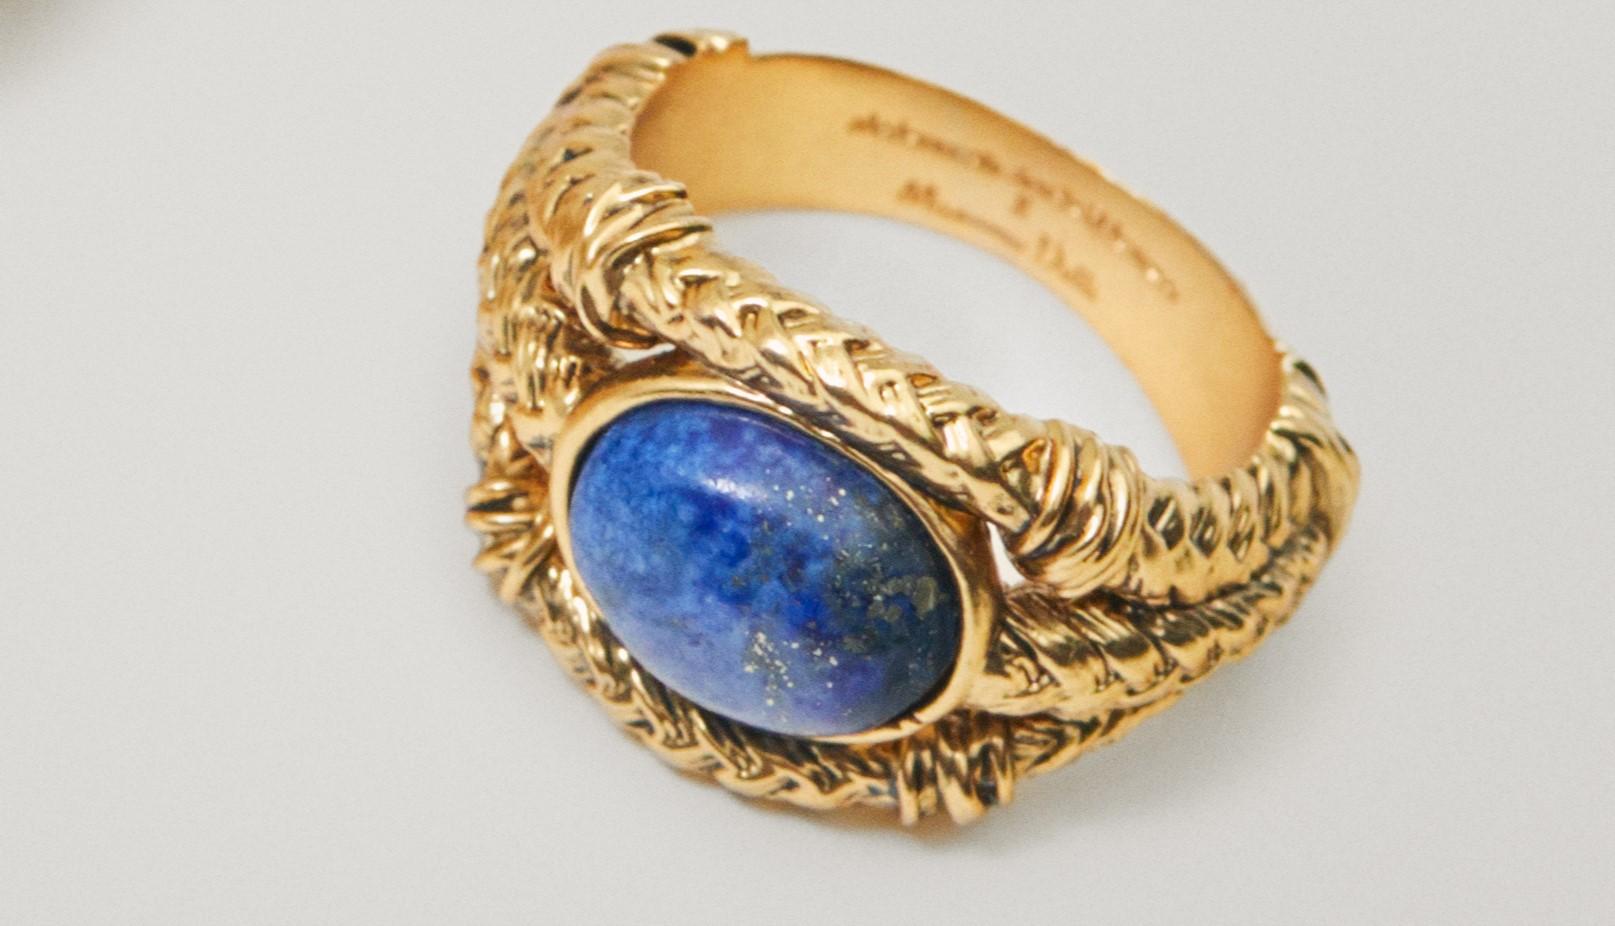 Massimo Dutti gioielli Aurélie Bidermann: la collezione avant-garde ed eclettica